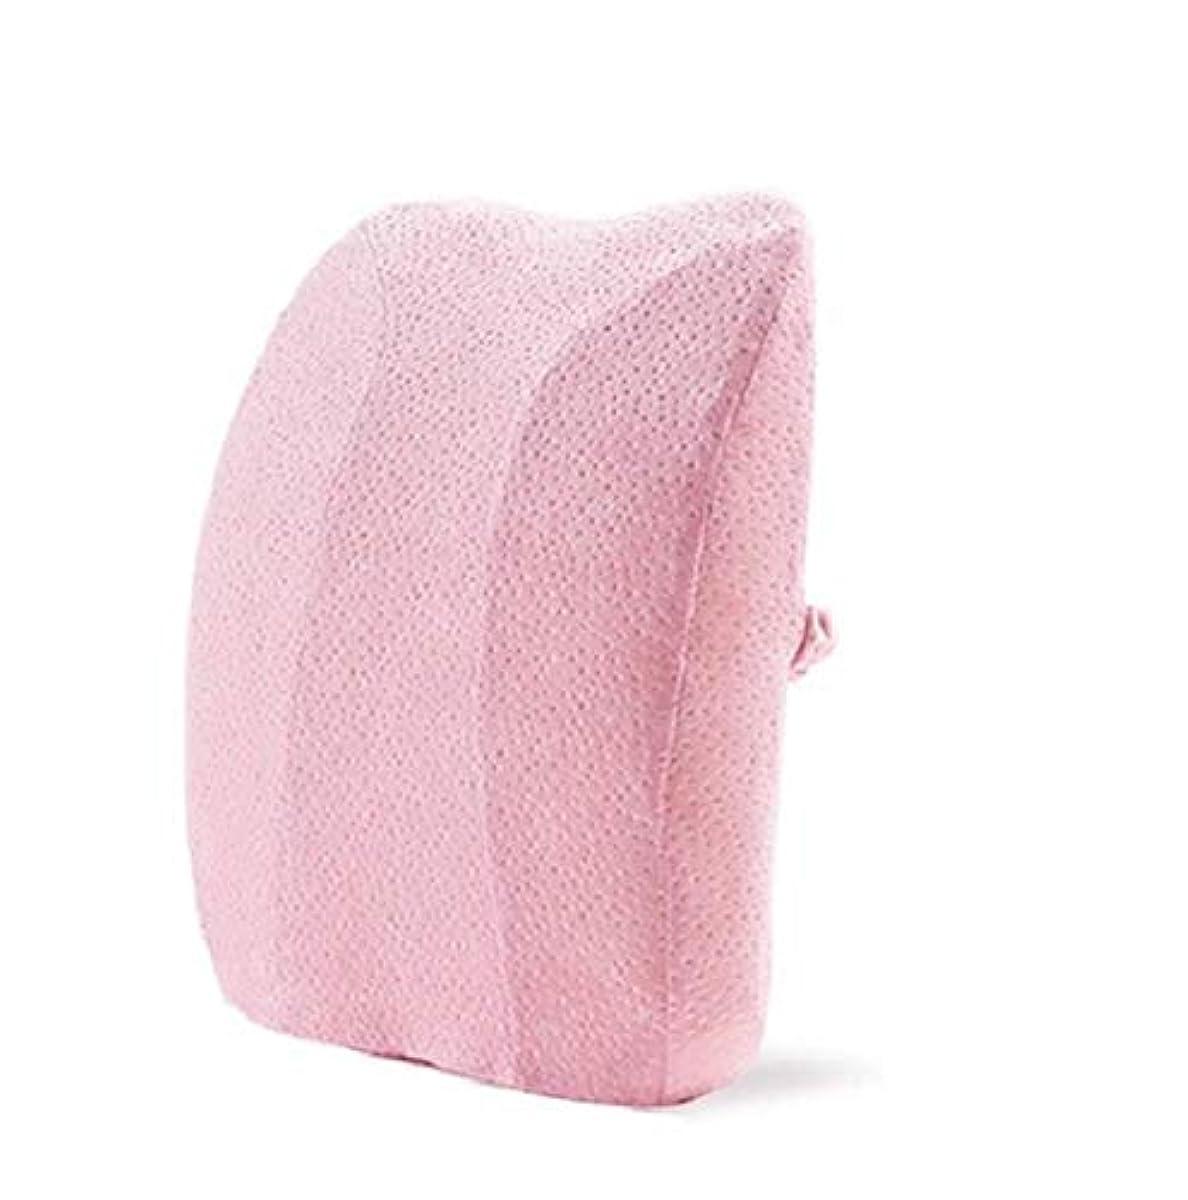 数学的な示す順応性サポート腰椎枕メモリ綿肥厚腰椎枕低速リバウンド枕コアオフィスシートベルト腰椎枕